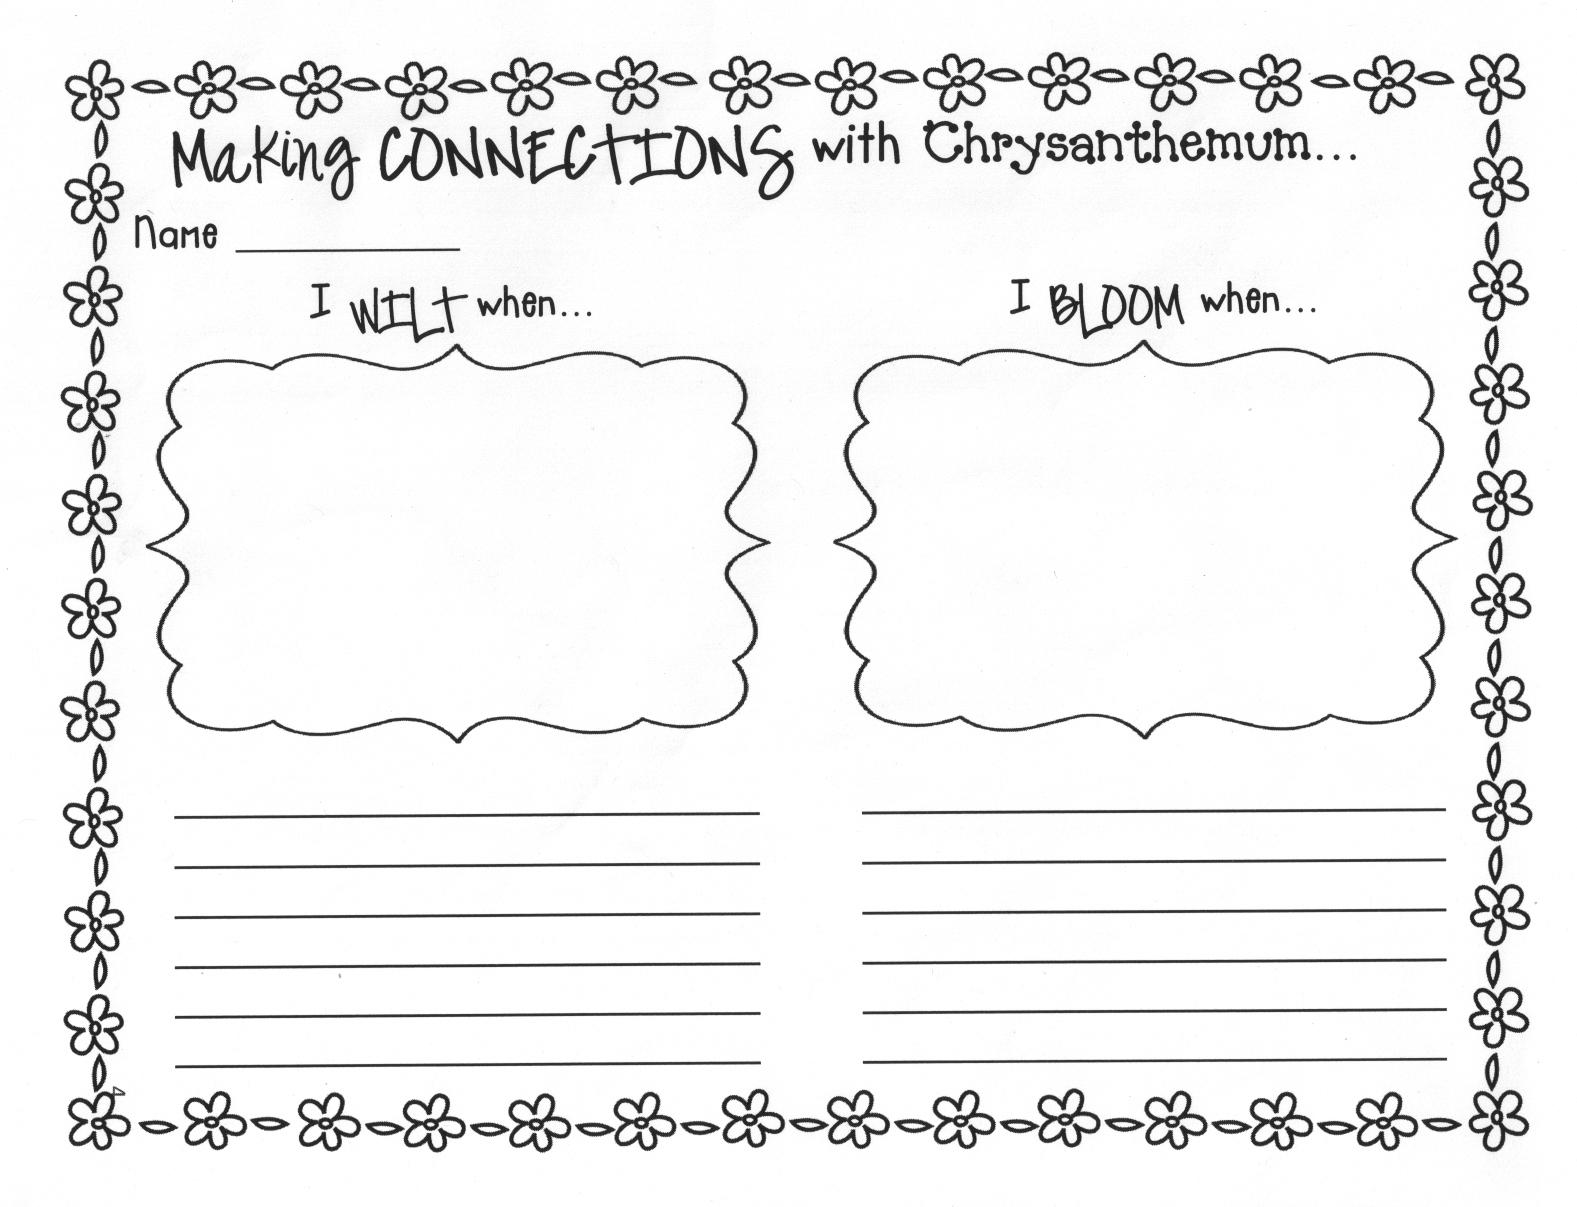 Chrysanthemum Worksheets   Free Printables Worksheet - Chrysanthemum Free Printable Activities